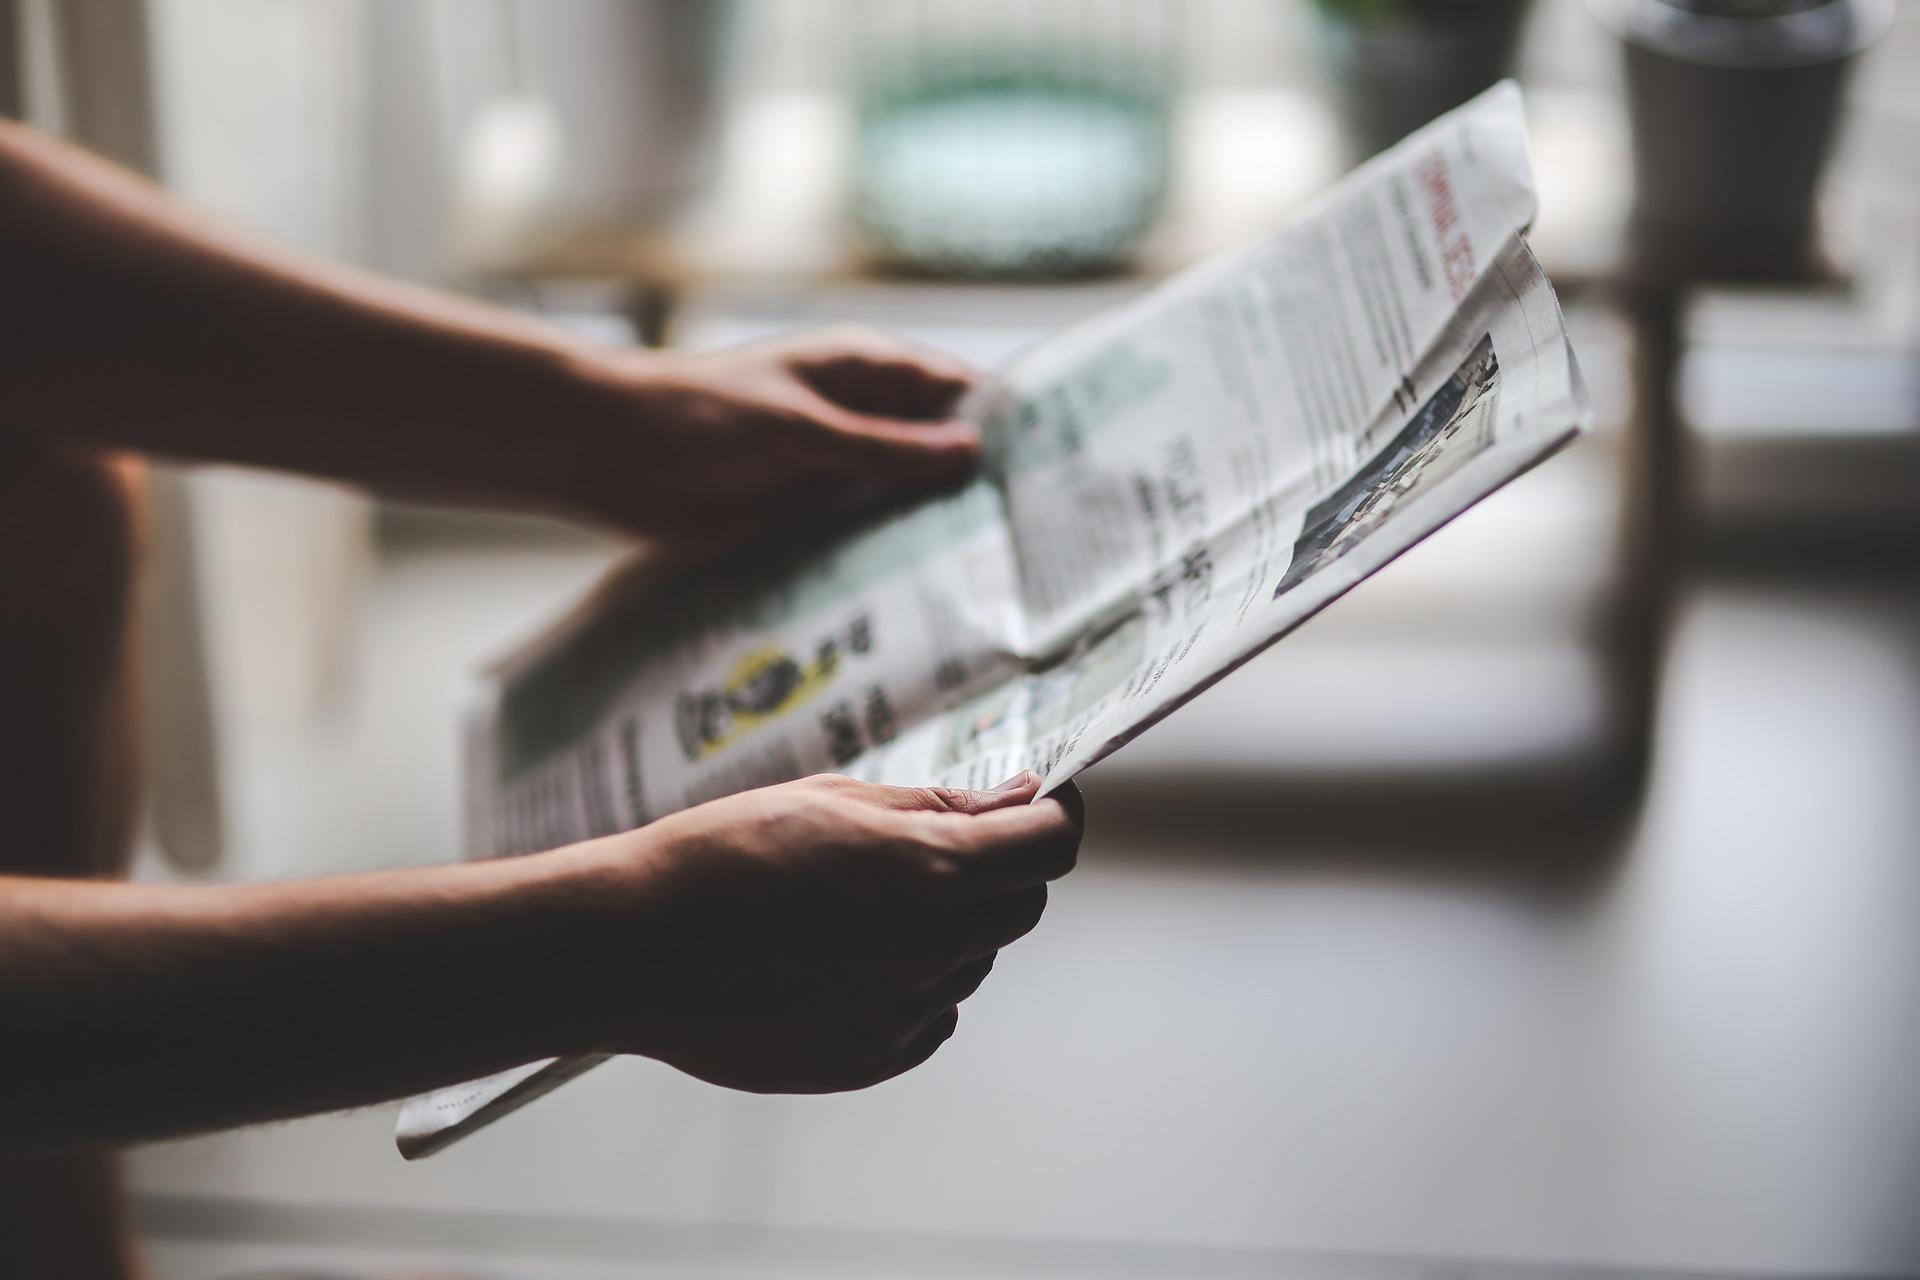 KNMG: advies RVS over beroepen leidt tot onaanvaardbaar risico voor kwaliteit van zorg